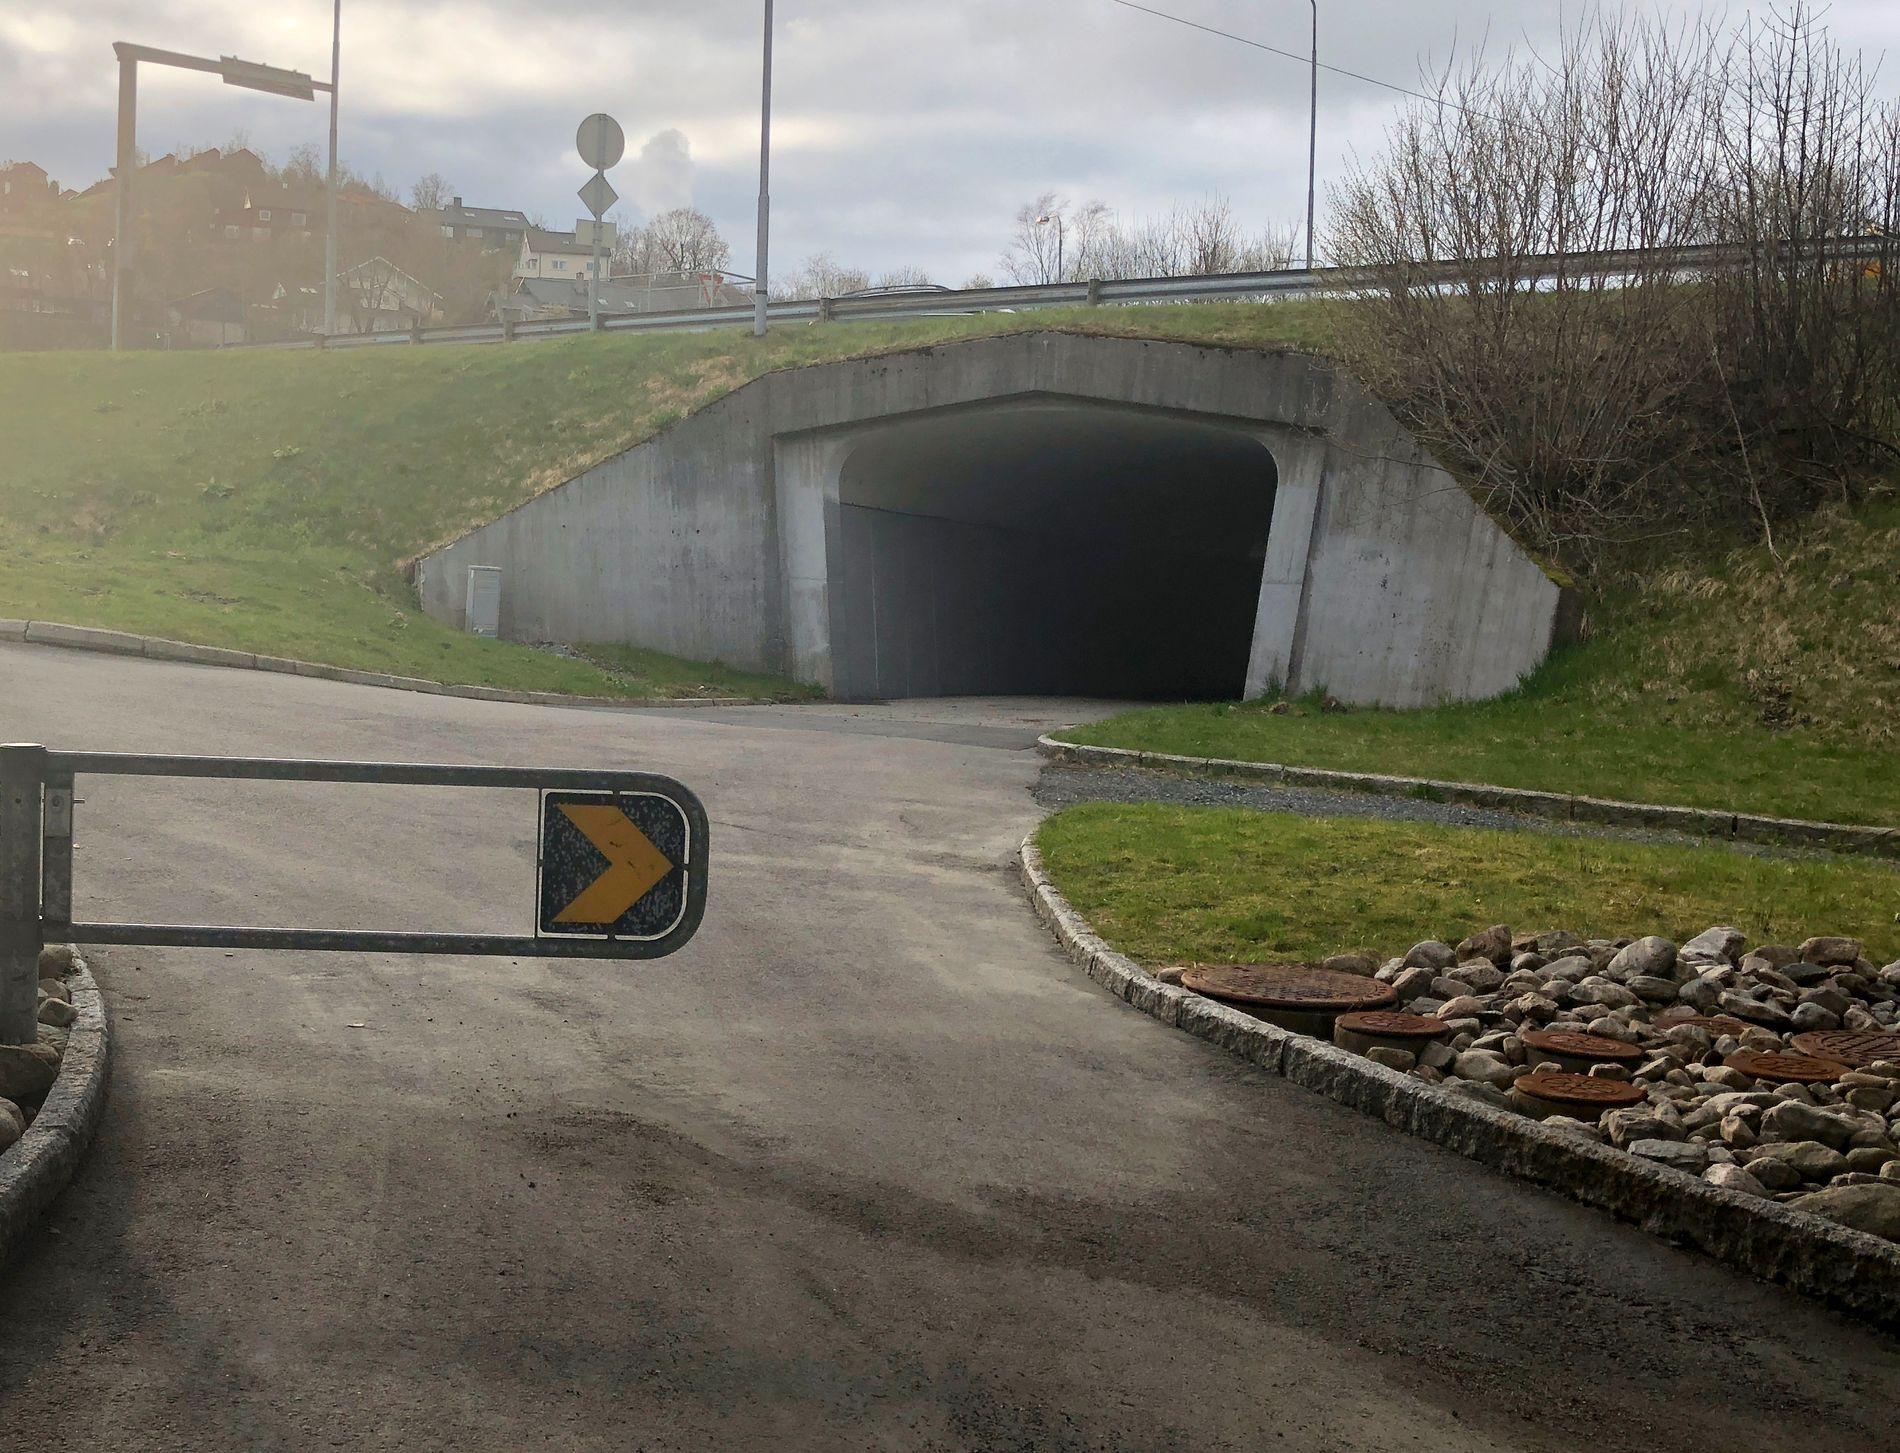 BILDE 4: Mørk og uoversiktlig undergang ved Harevegen. Med Byrådets forslag til sykkelstamveg blir dette hovedforbindelsen til Nordås. I et VEST-alternativ blir det ikke nødvendig å benytte denne undergangen, skriver innsenderen.